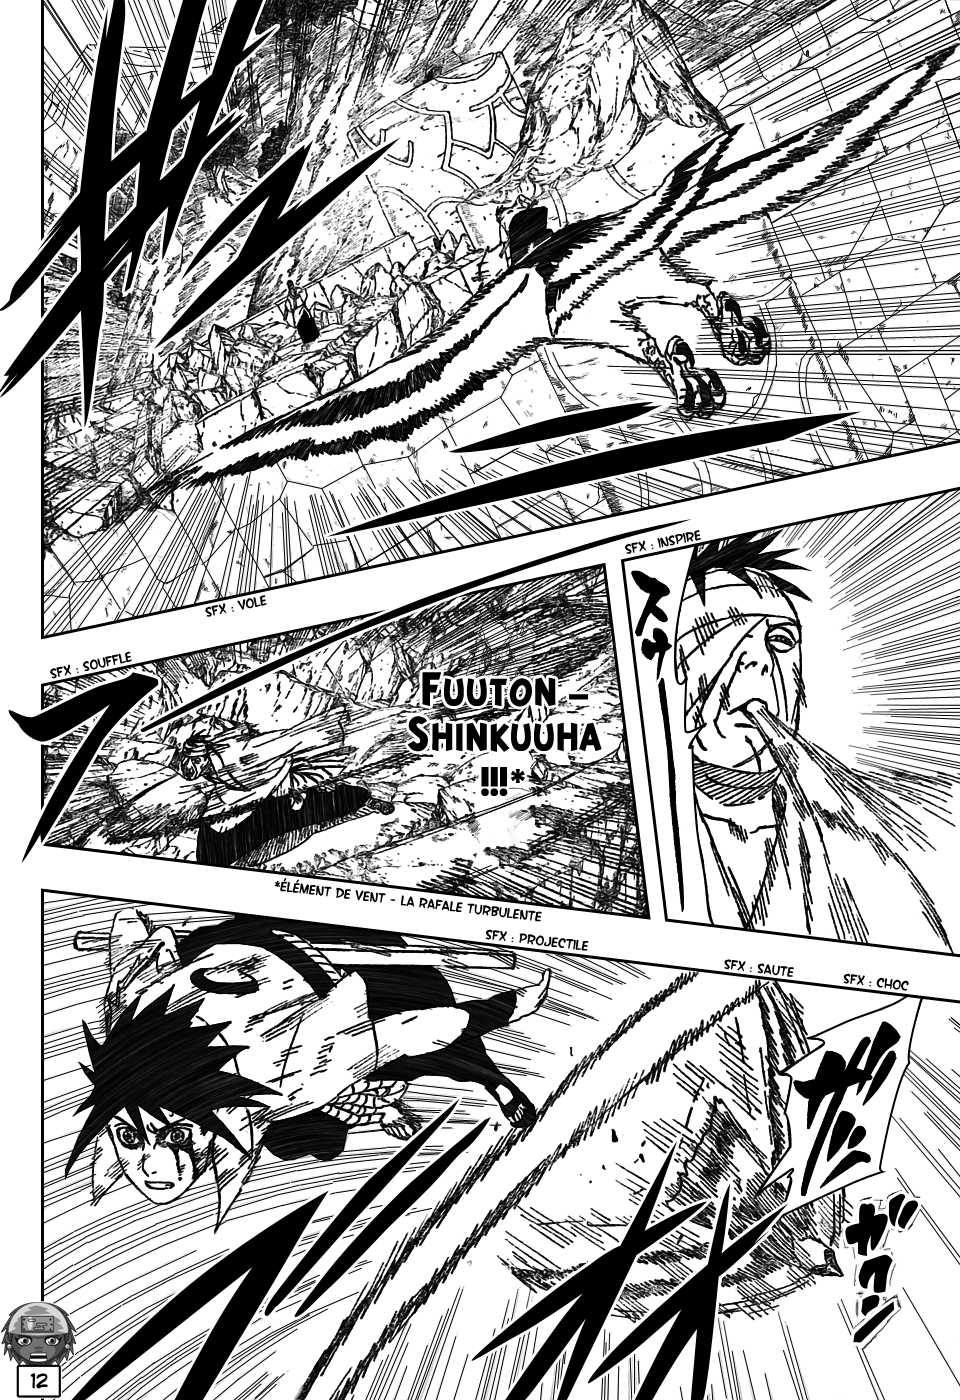 Naruto chapitre 477 - Page 12